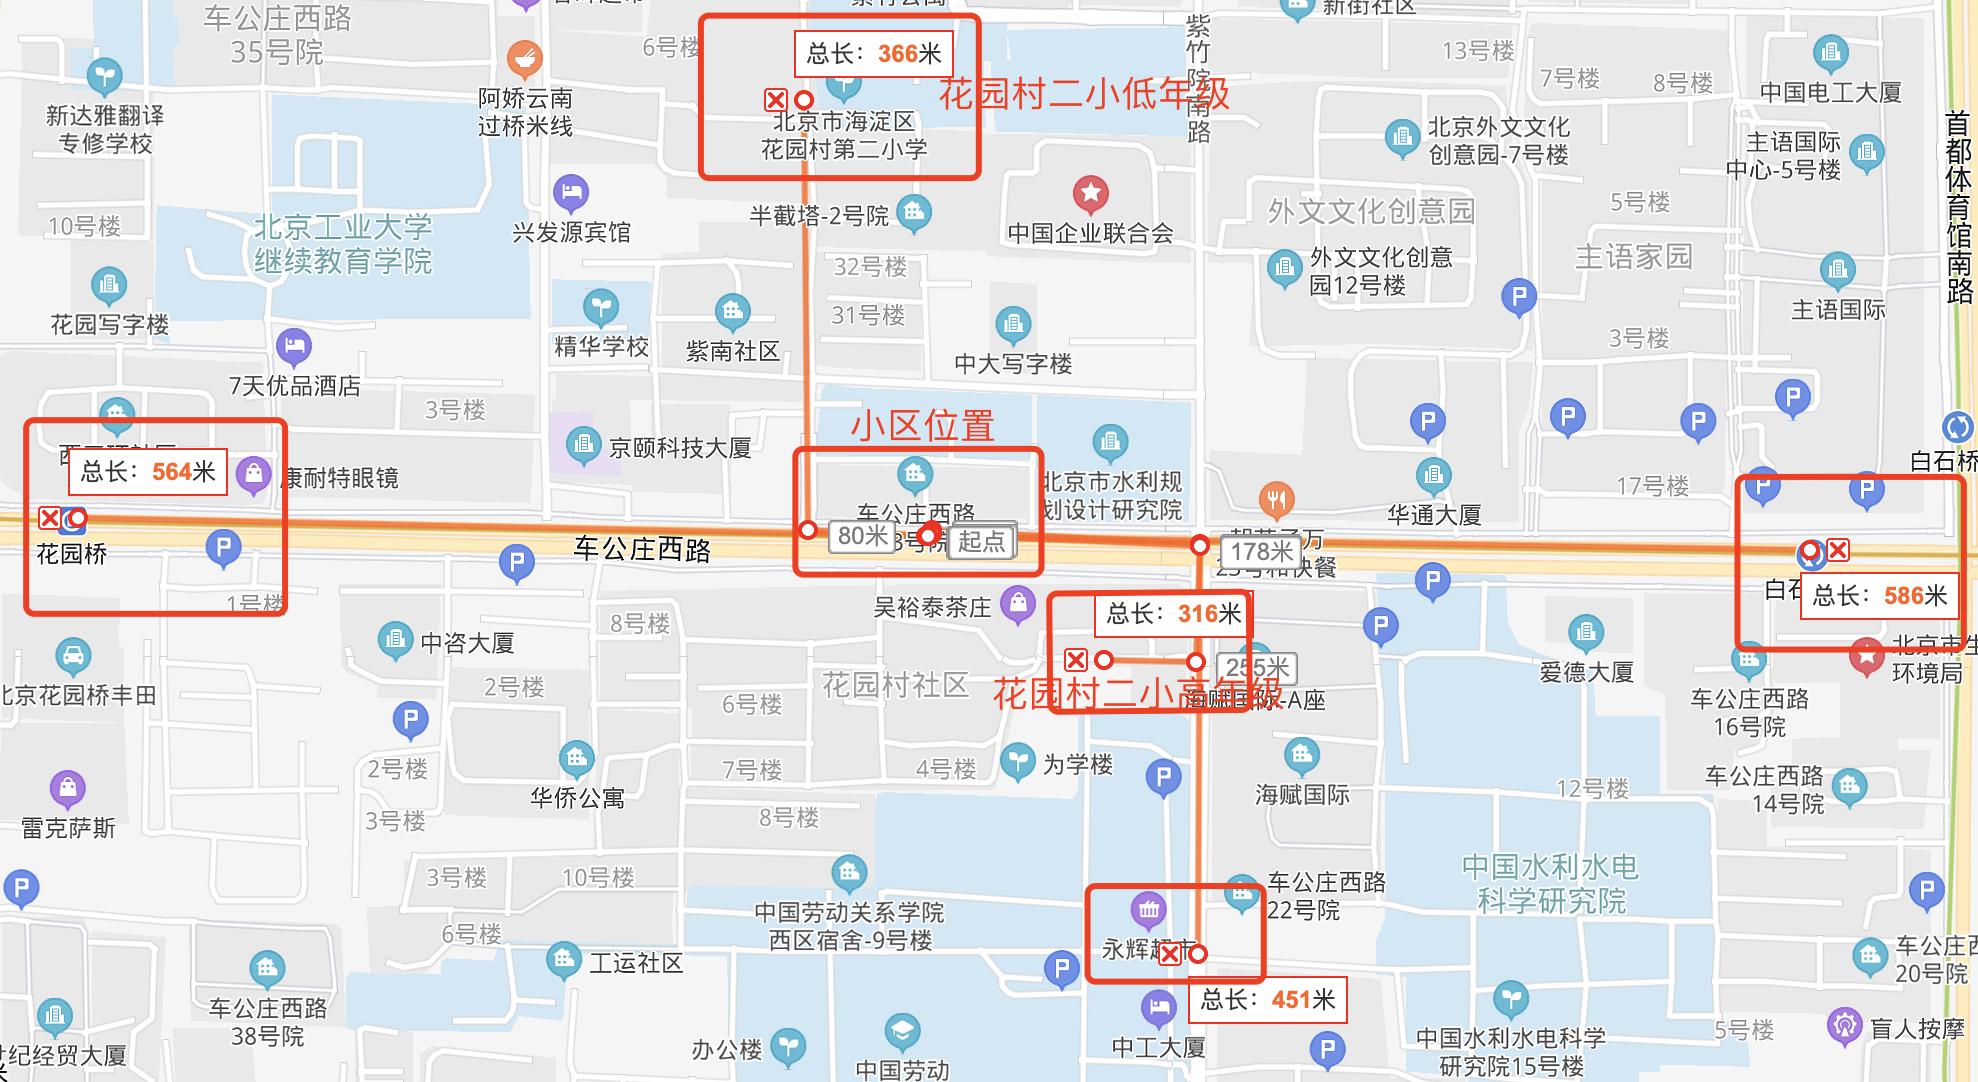 chegongzhuangxilu23haoyuan_map.png